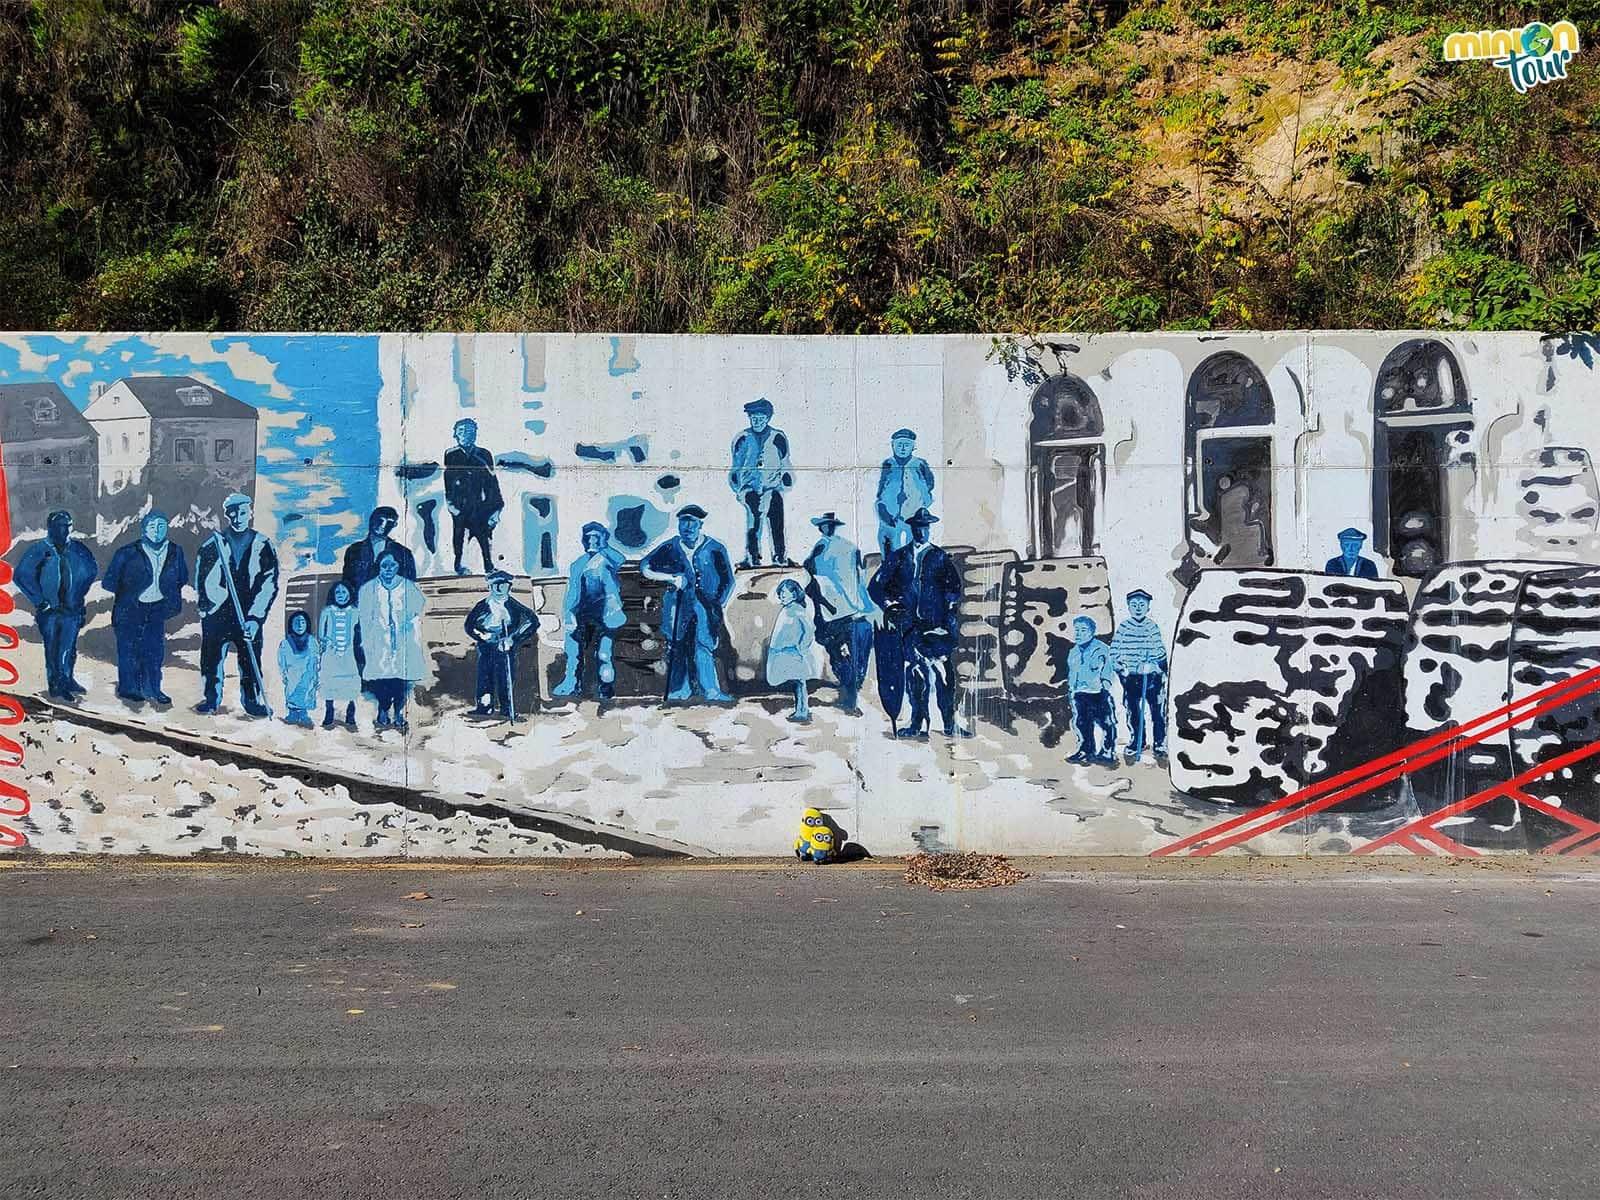 Descubriendo la historia en los murales de Os Peares